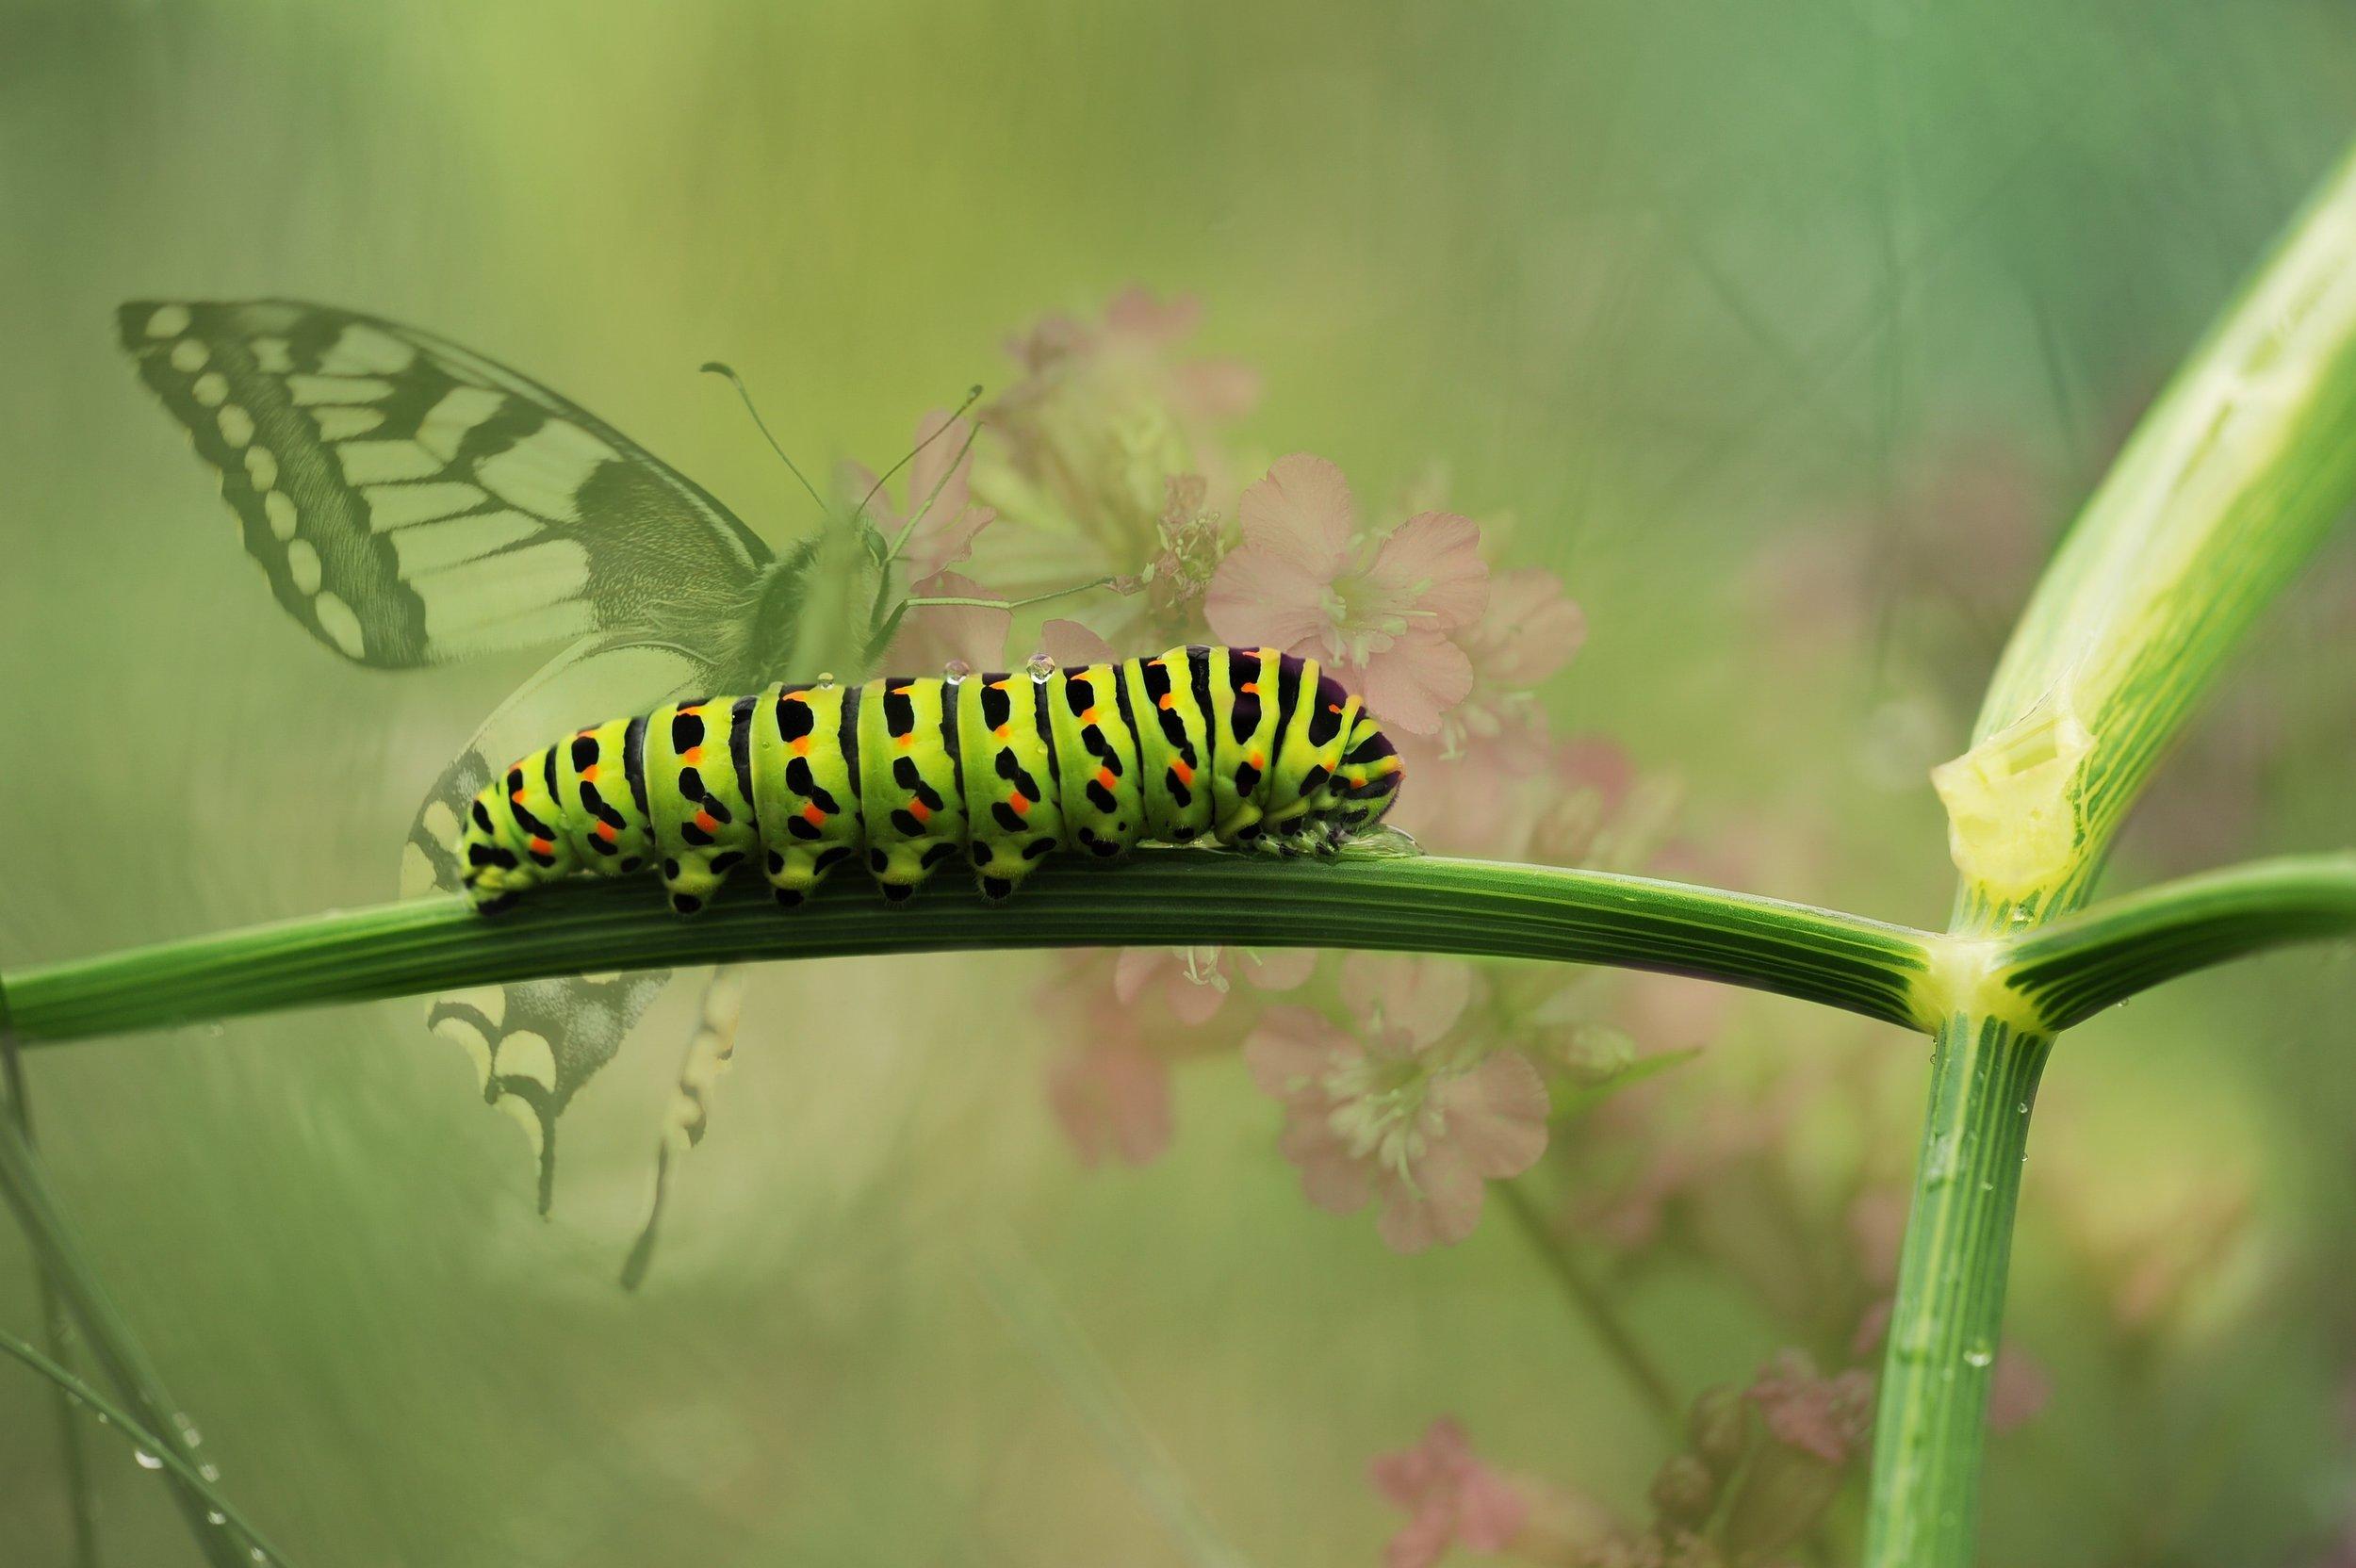 bloom-blossom-blur-caterpillar-butterfly.jpg